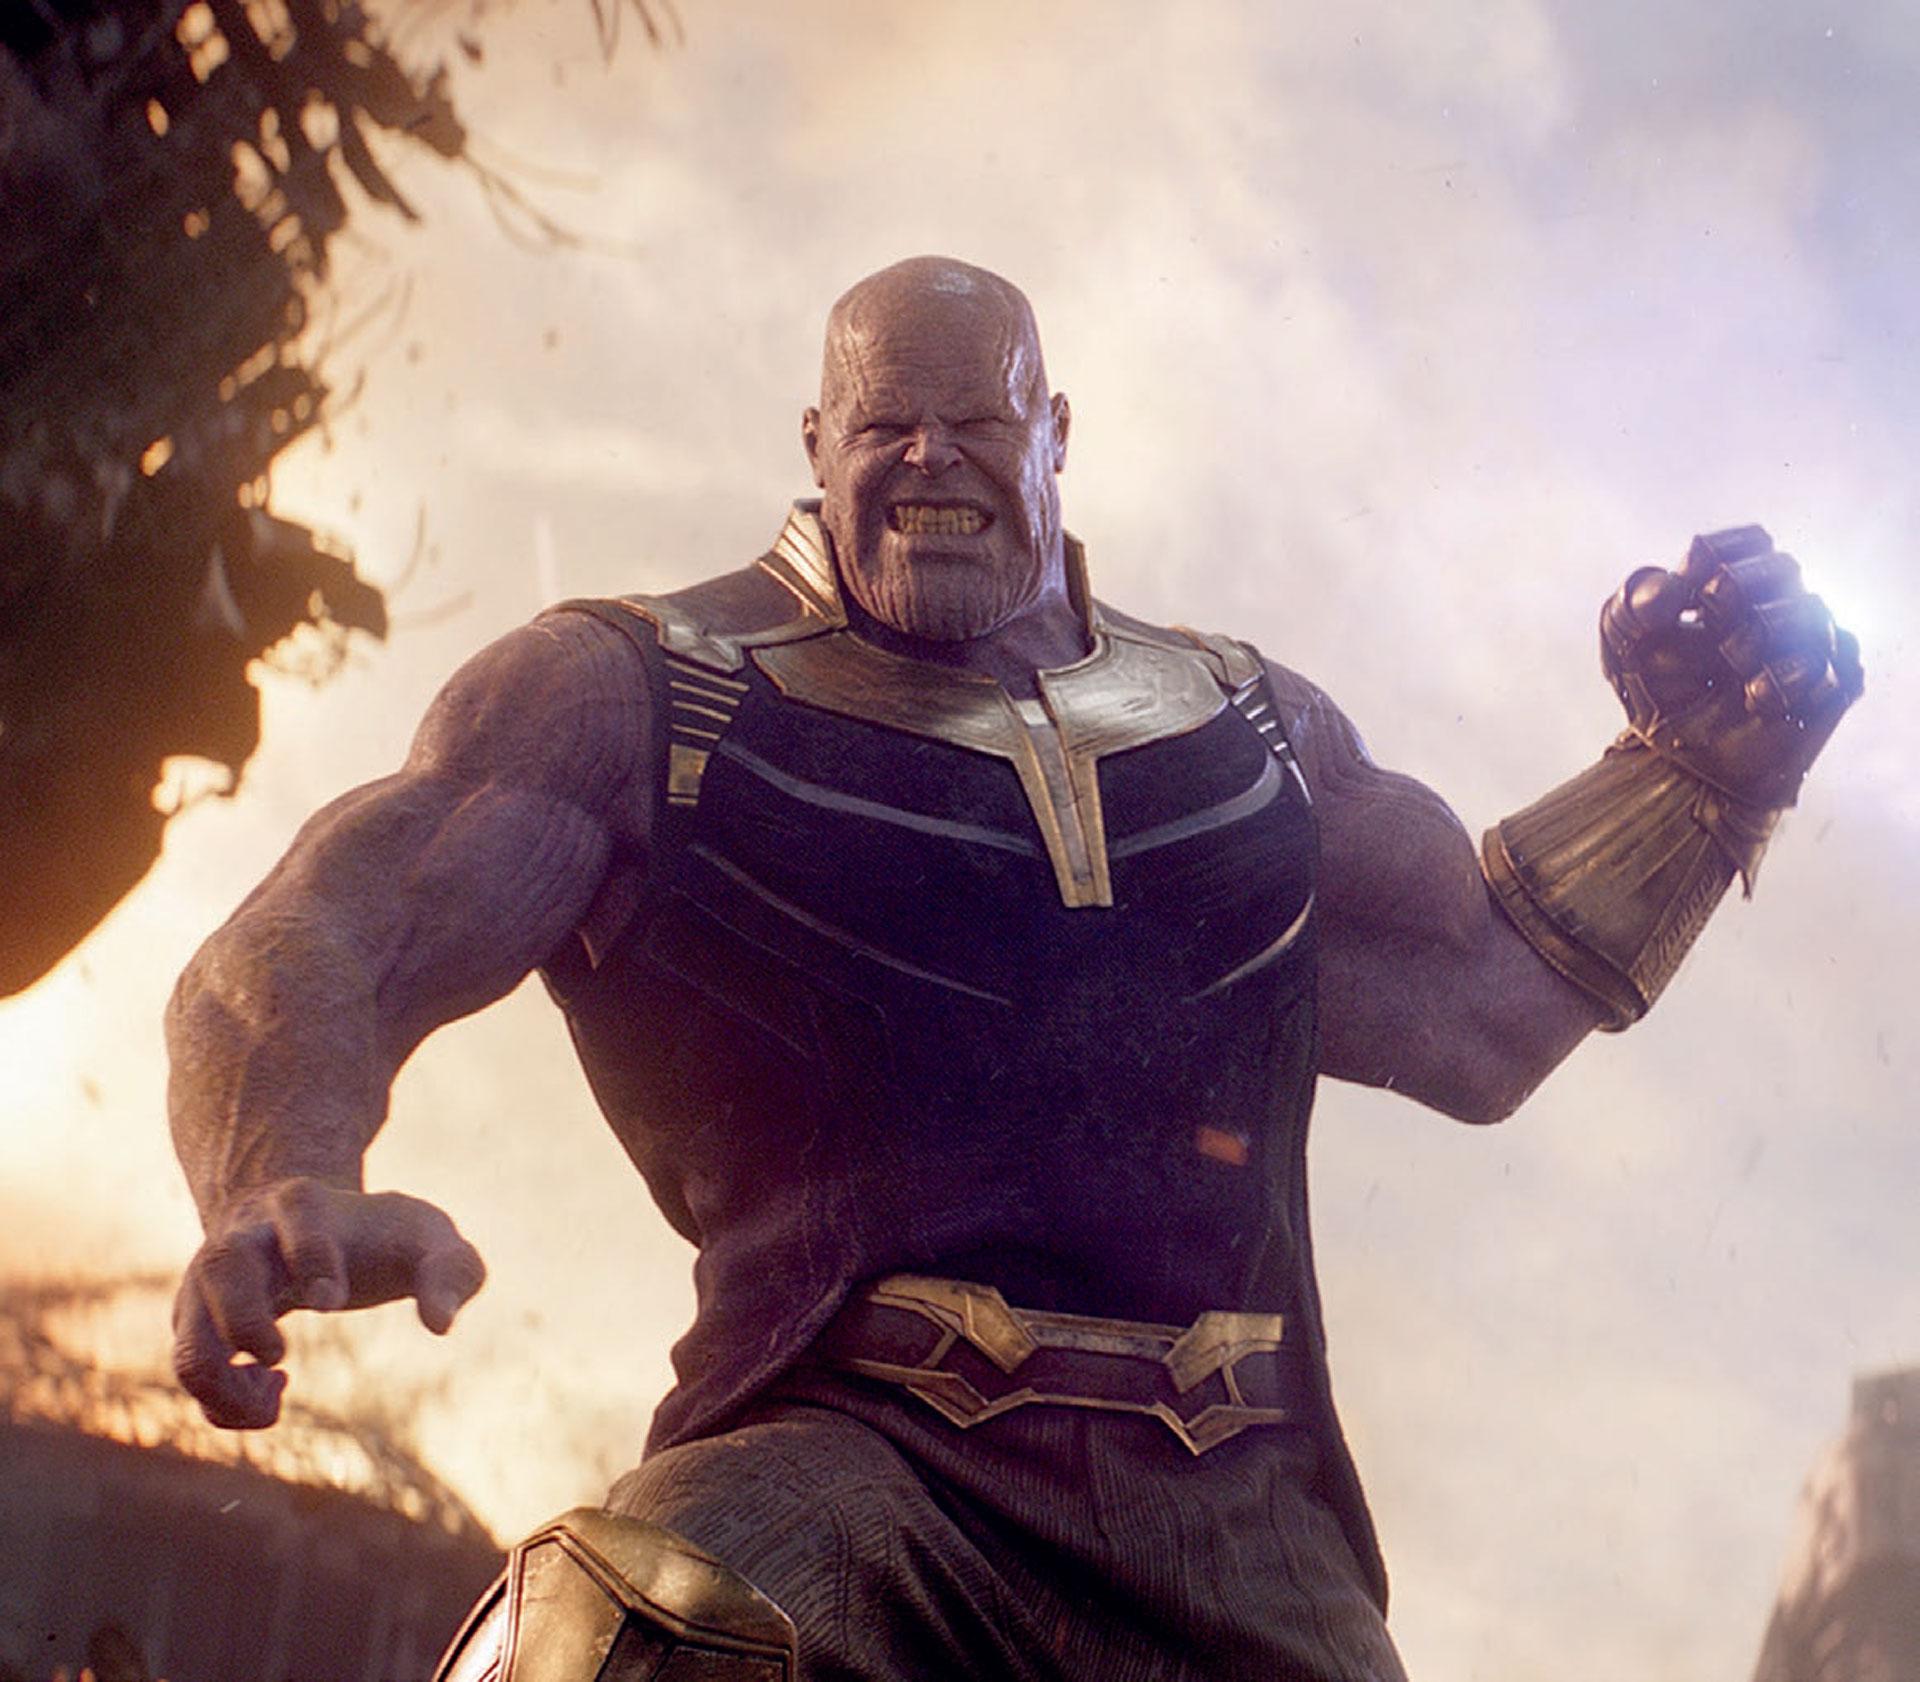 Thanos, el Señor Oscuro, es el villano que aterroriza desde la pantalla grande. El californiano Josh Brolin (50) volverá a ponerse en la piel del temible personaje.